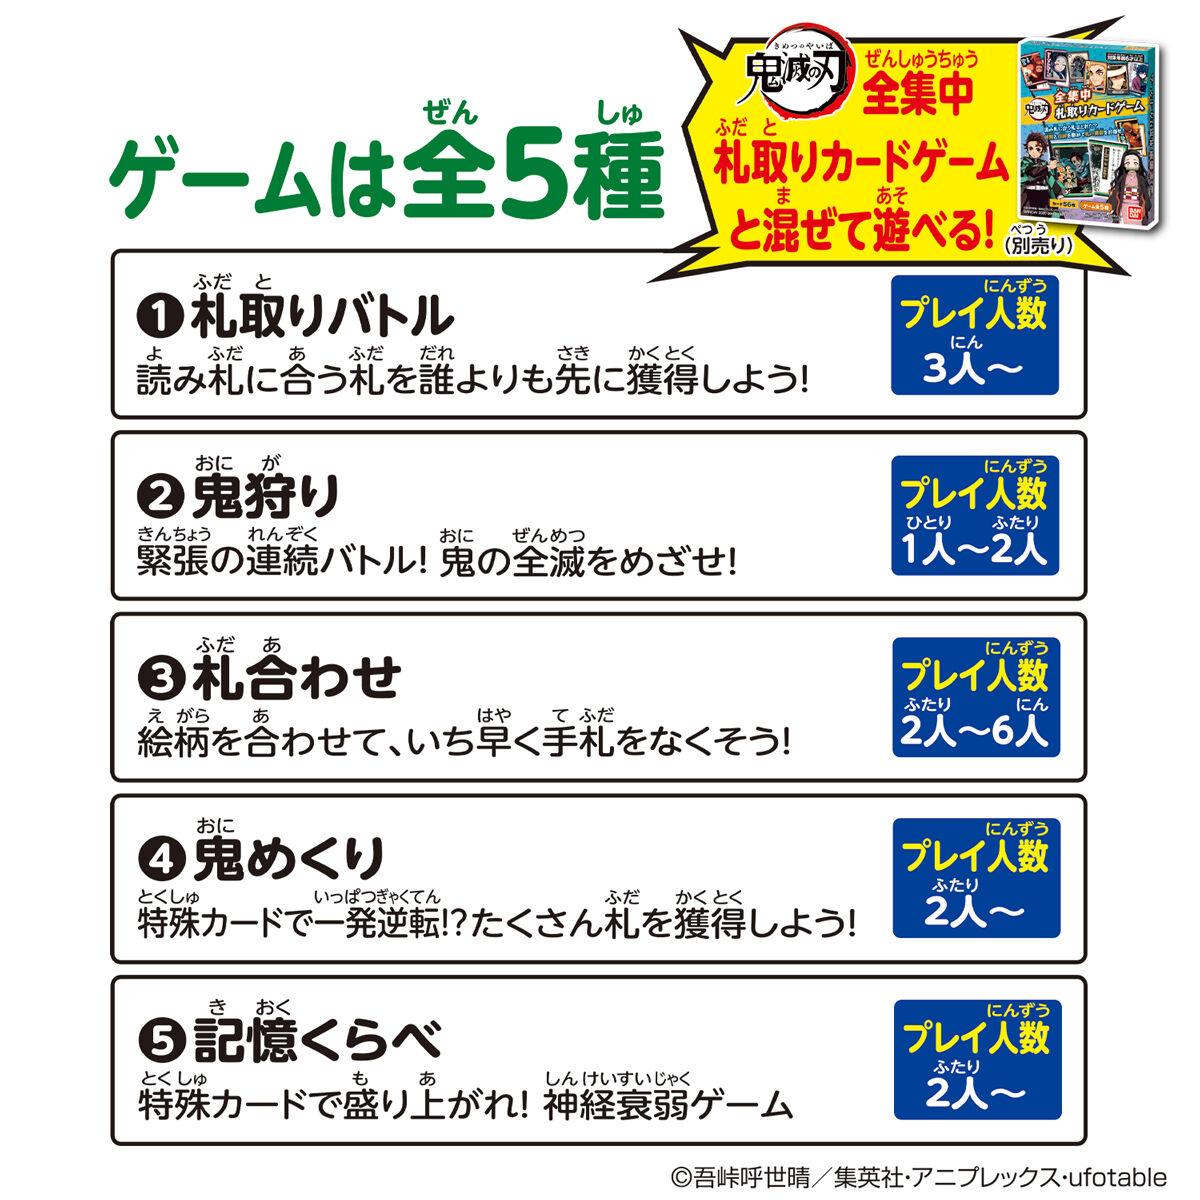 鬼滅の刃 全集中 札取りカードゲーム ~無限列車編~